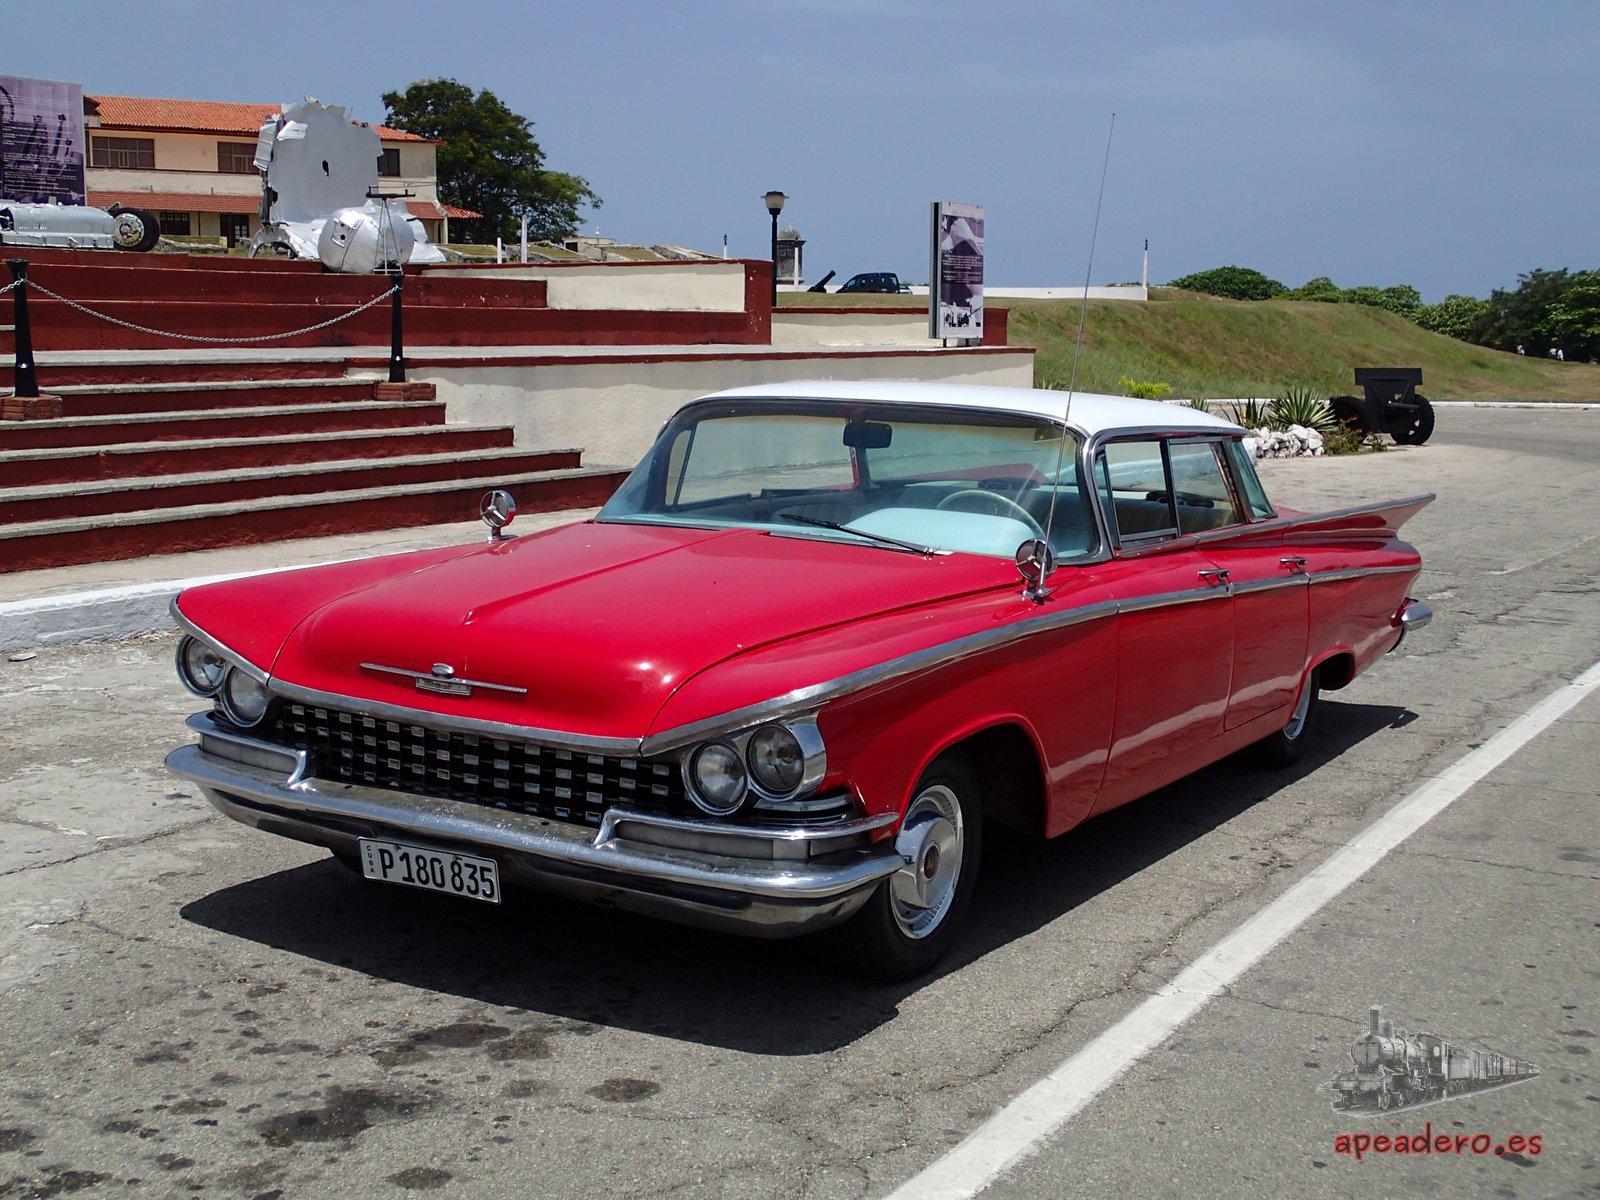 20+1 imágenes que te harán querer viajar a Cuba